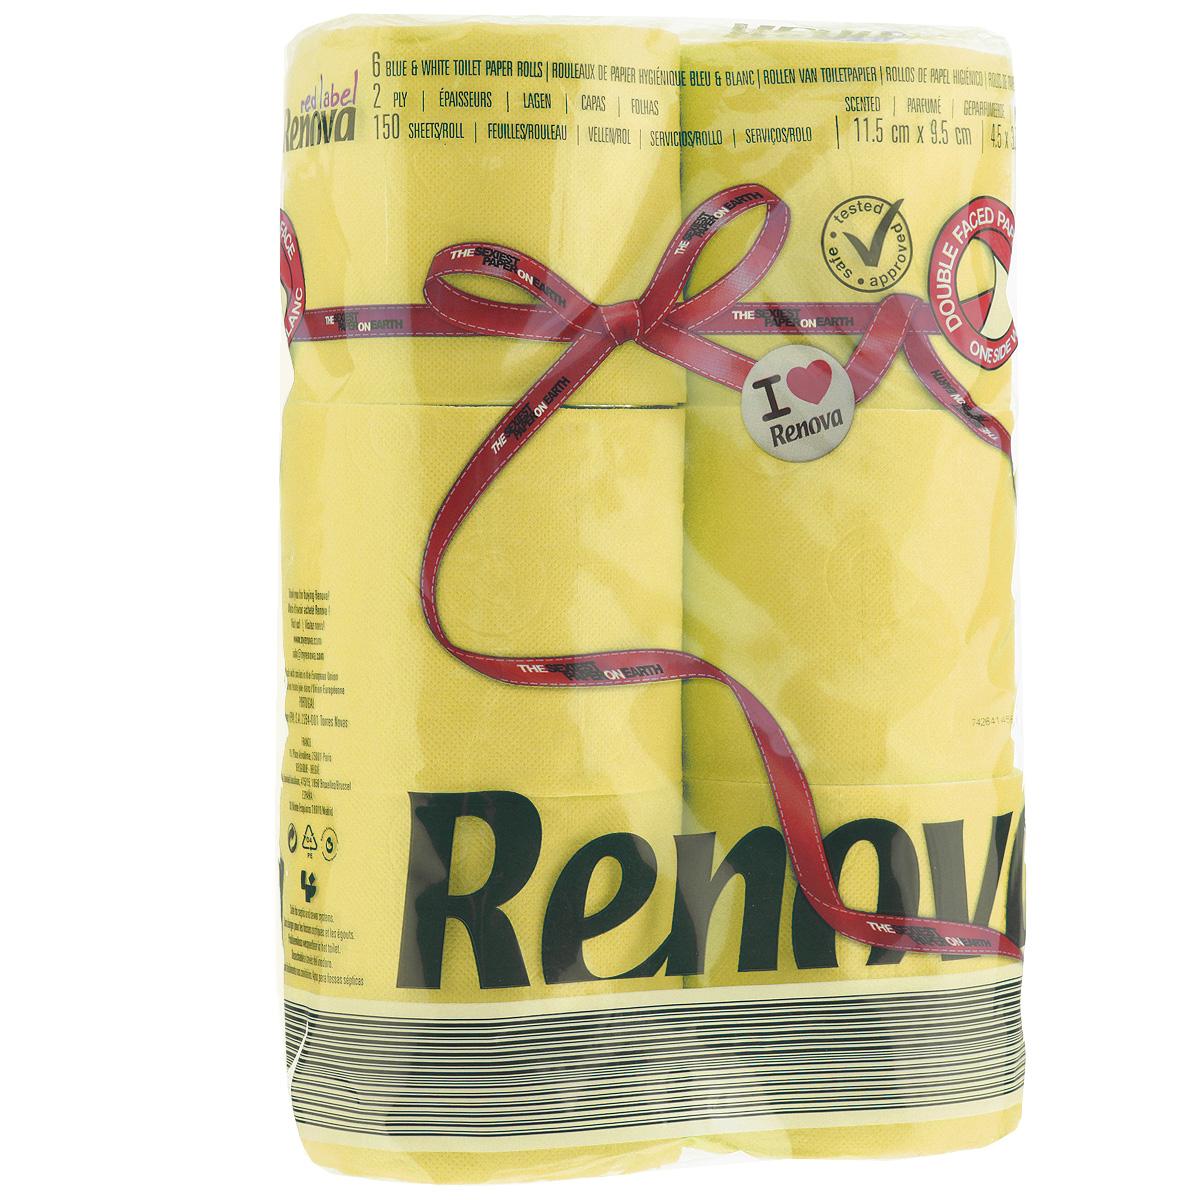 Туалетная бумага Renova, двухслойная, ароматизированная, цвет: желтый, 6 рулонов200066927Туалетная бумага Renova изготовлена по новейшей технологии из 100% ароматизированной целлюлозы, благодаря чему она имеет тонкий аромат, очень мягкая, нежная, но в тоже время прочная. Эксклюзивная двухсторонняя туалетная бумага Renova  экстрамодного цвета, придаст вашему туалету оригинальность. Состав: 100% ароматизированная целлюлоза.Количество листов: 150 шт. Количество слоев: 2. Размер листа: 11,5 см х 9,5 см. Количество рулонов: 6 шт. Португальская компания Renova является ведущим разработчиком новейших технологий производства, нового стиля и направления на рынке гигиенической продукции.Современный дизайн и высочайшее качество, дерматологический контроль - это то, что выделяет компанию Renova среди других производителей бумажной санитарно-гигиенической продукции.